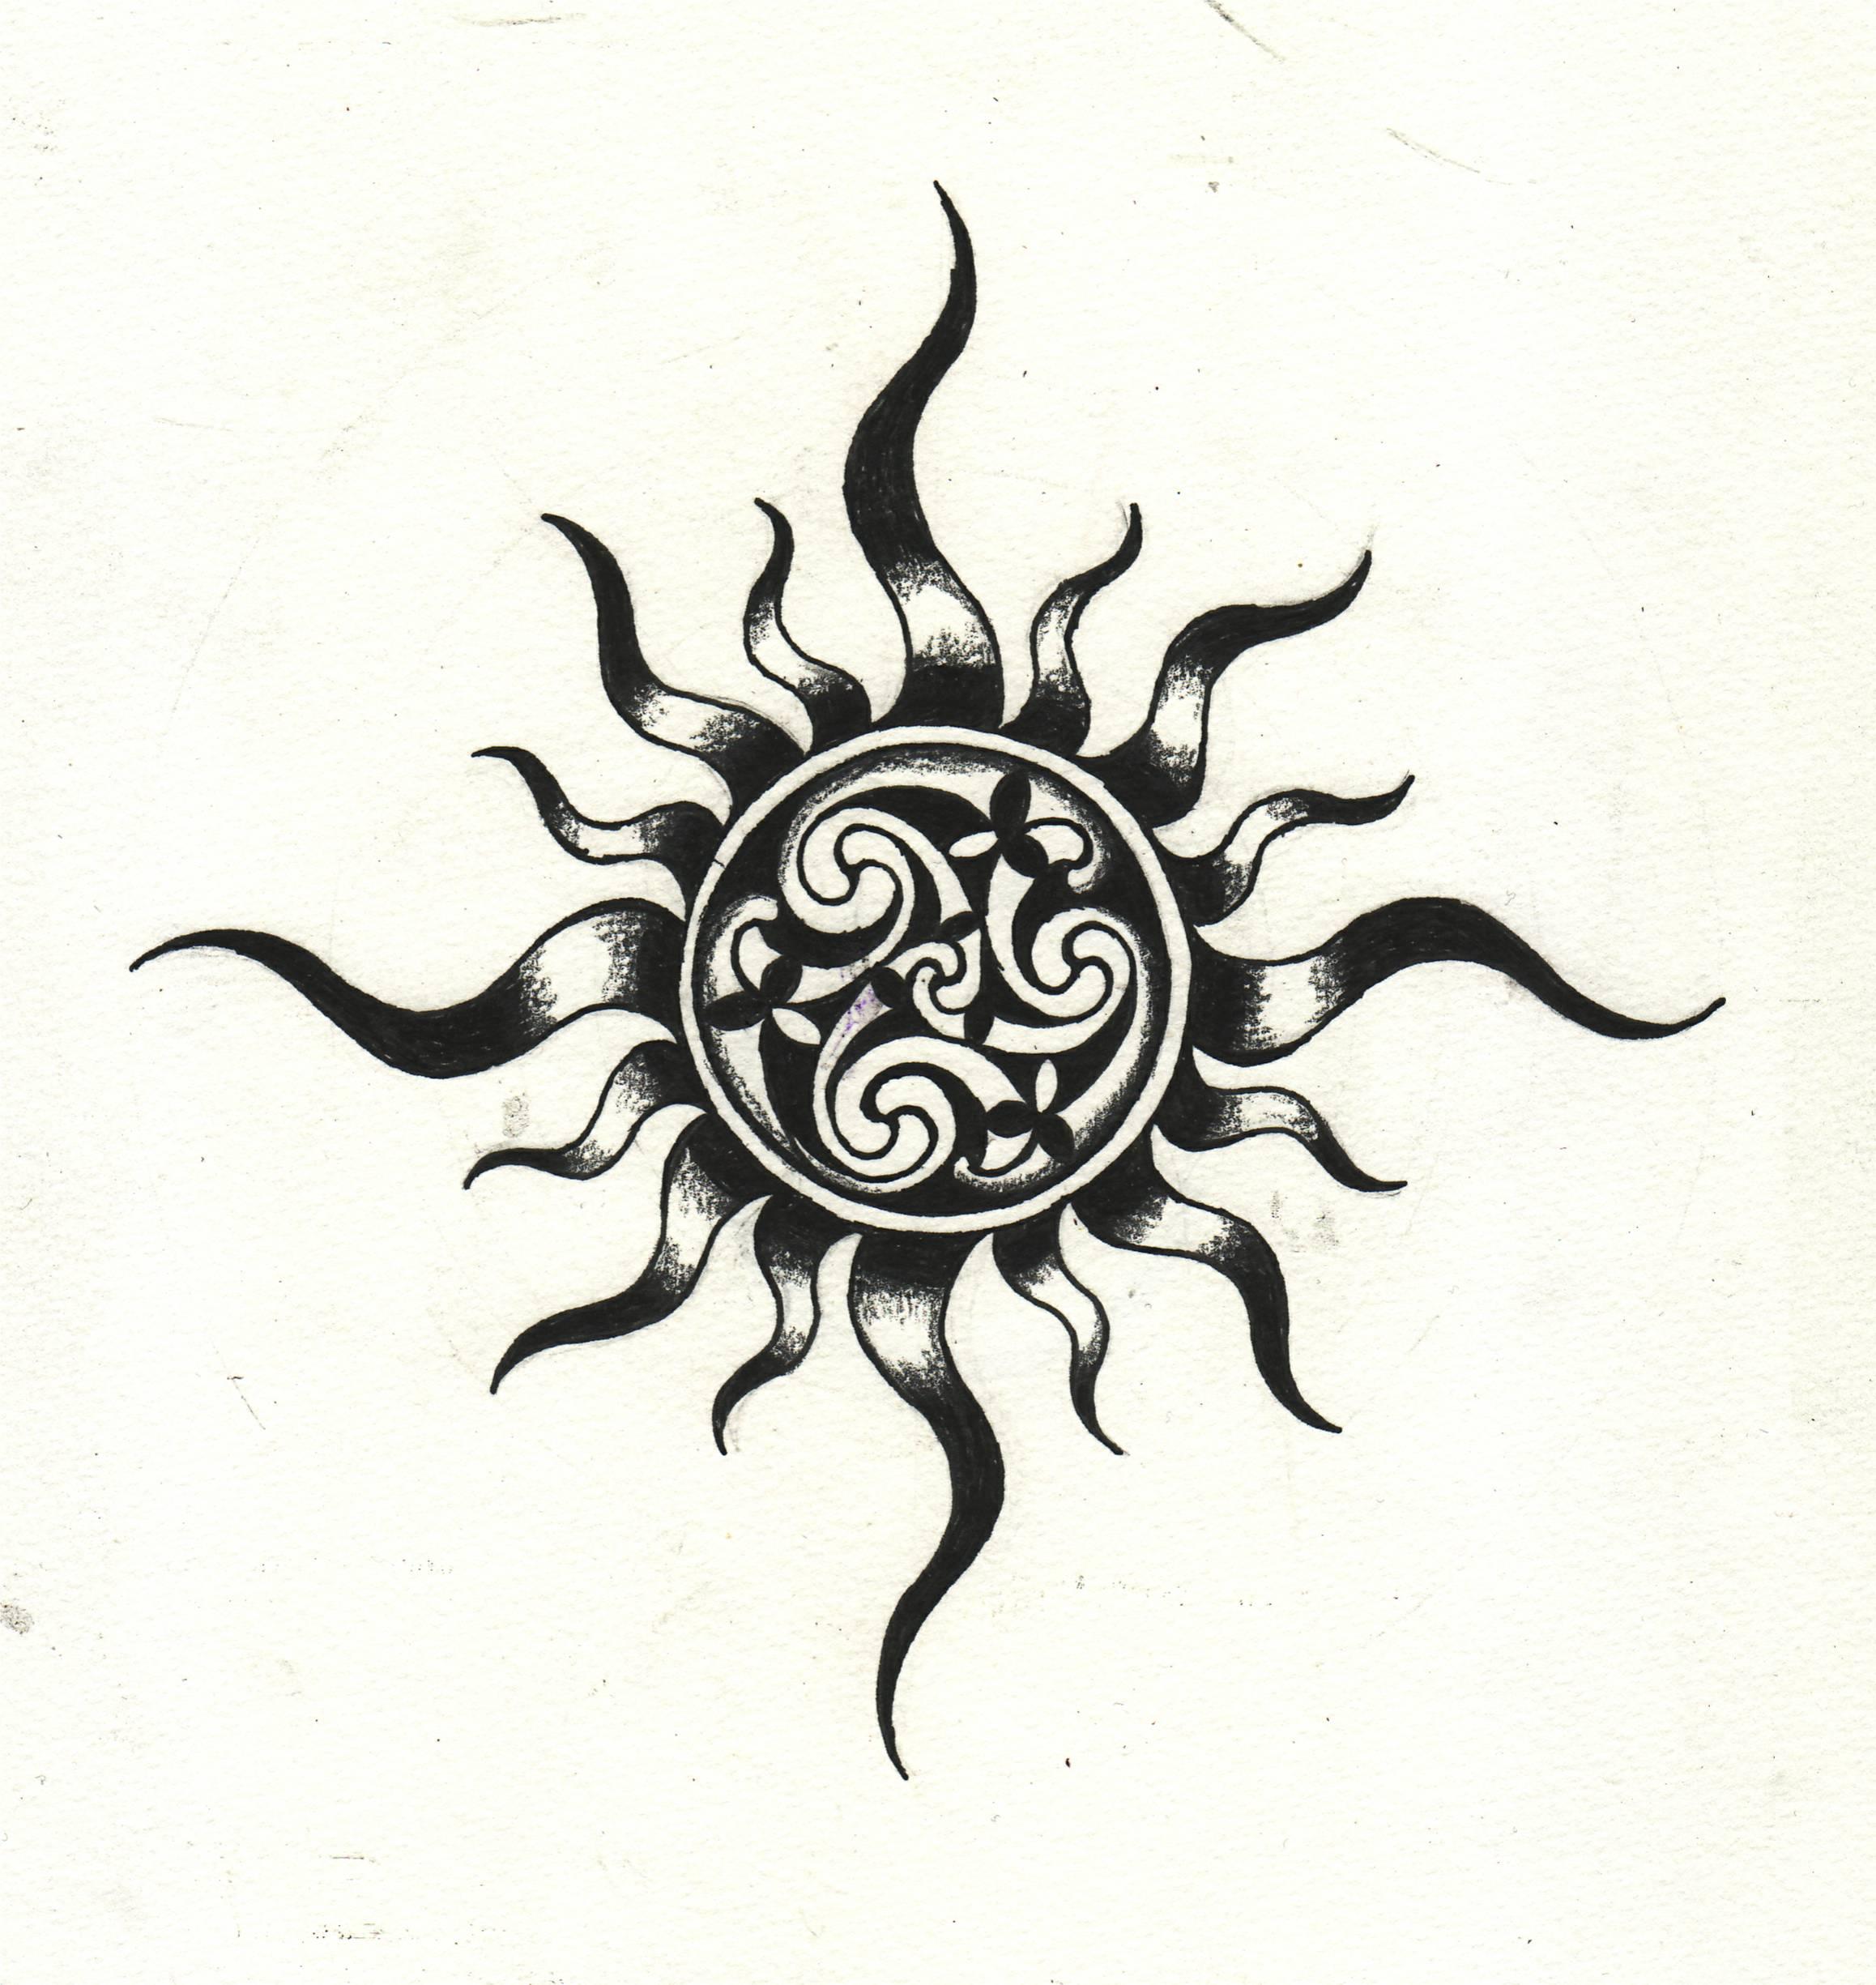 Dessins en couleurs imprimer soleil num ro 19436 - Dessin de soleil a imprimer ...